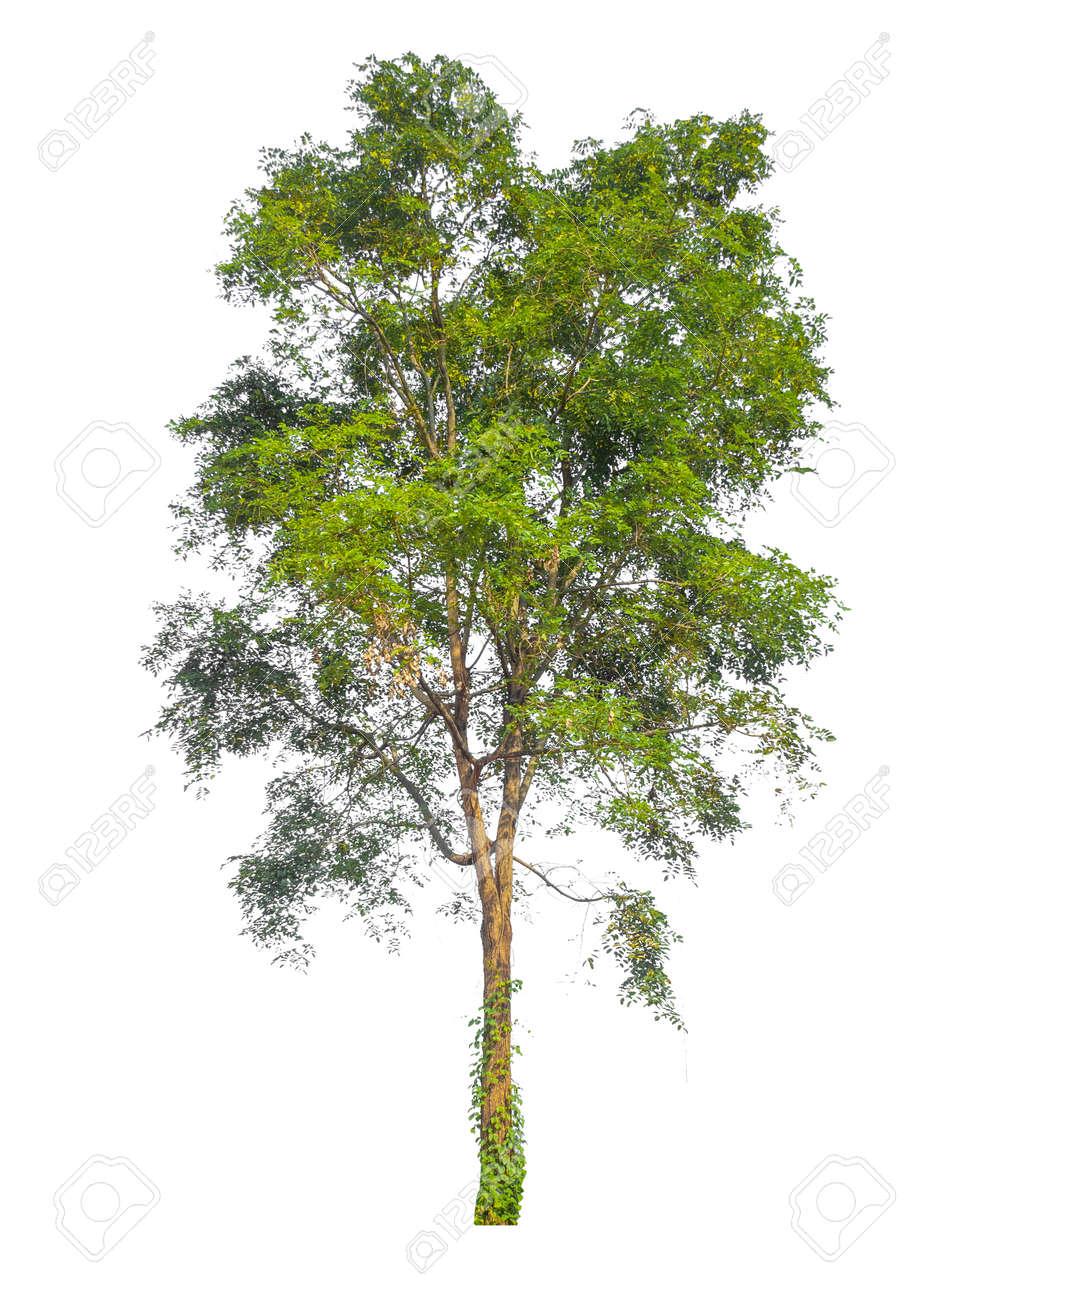 Isolated tree on white background - 169359289